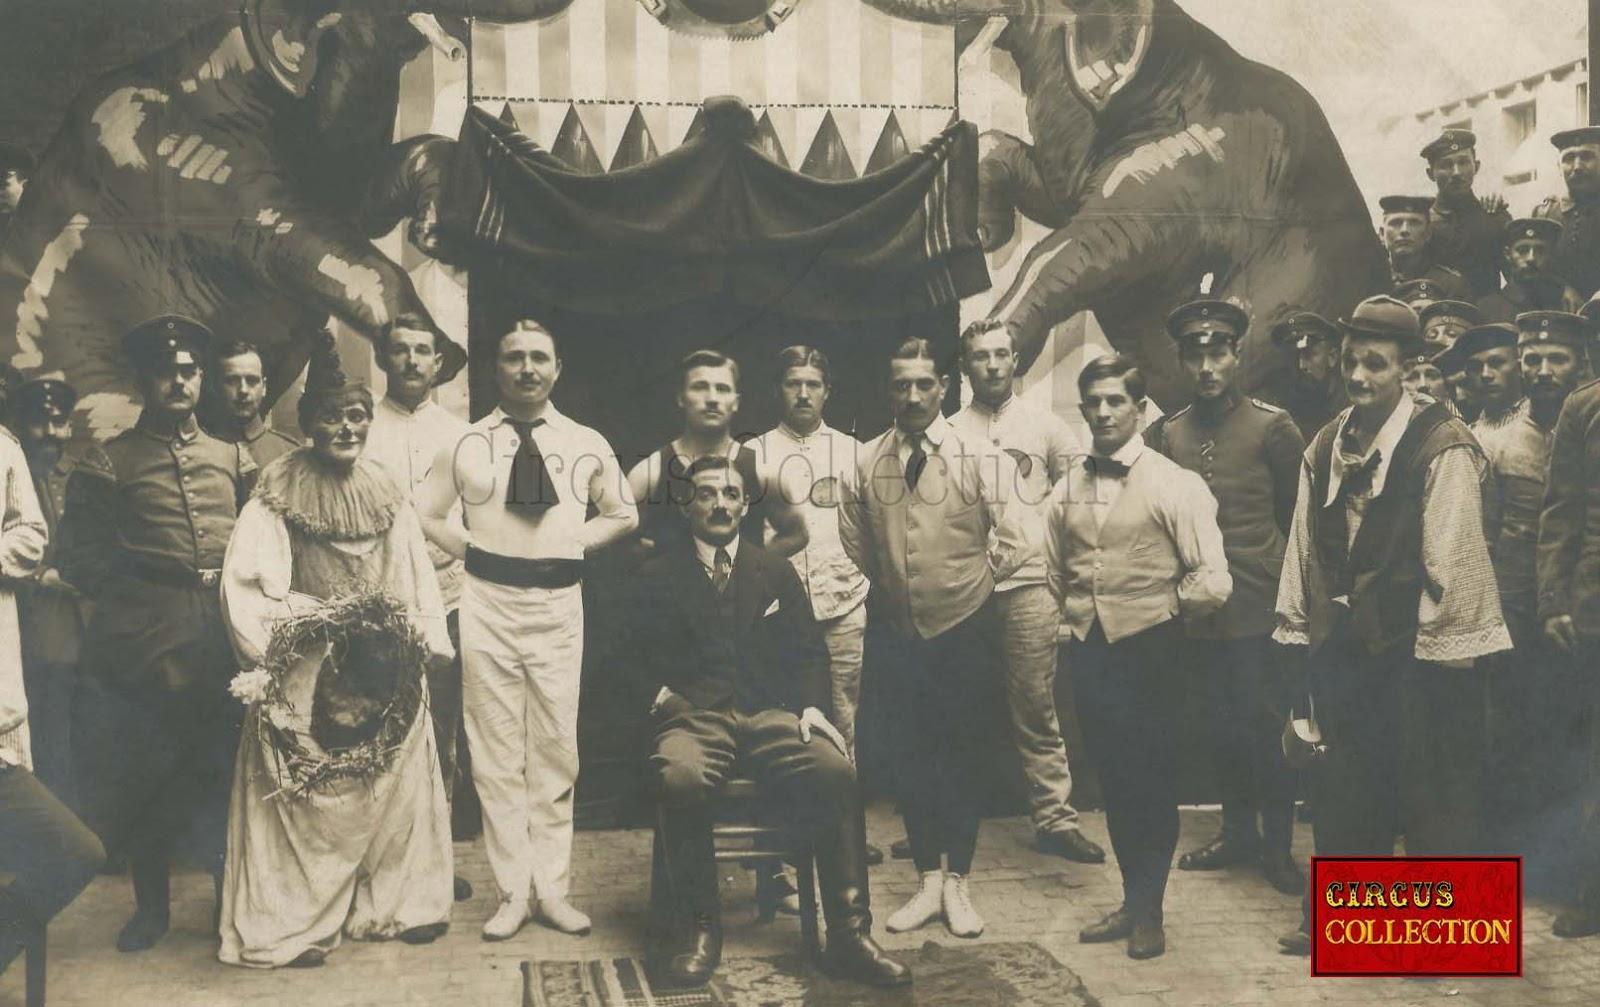 circus collection cirque inconnu